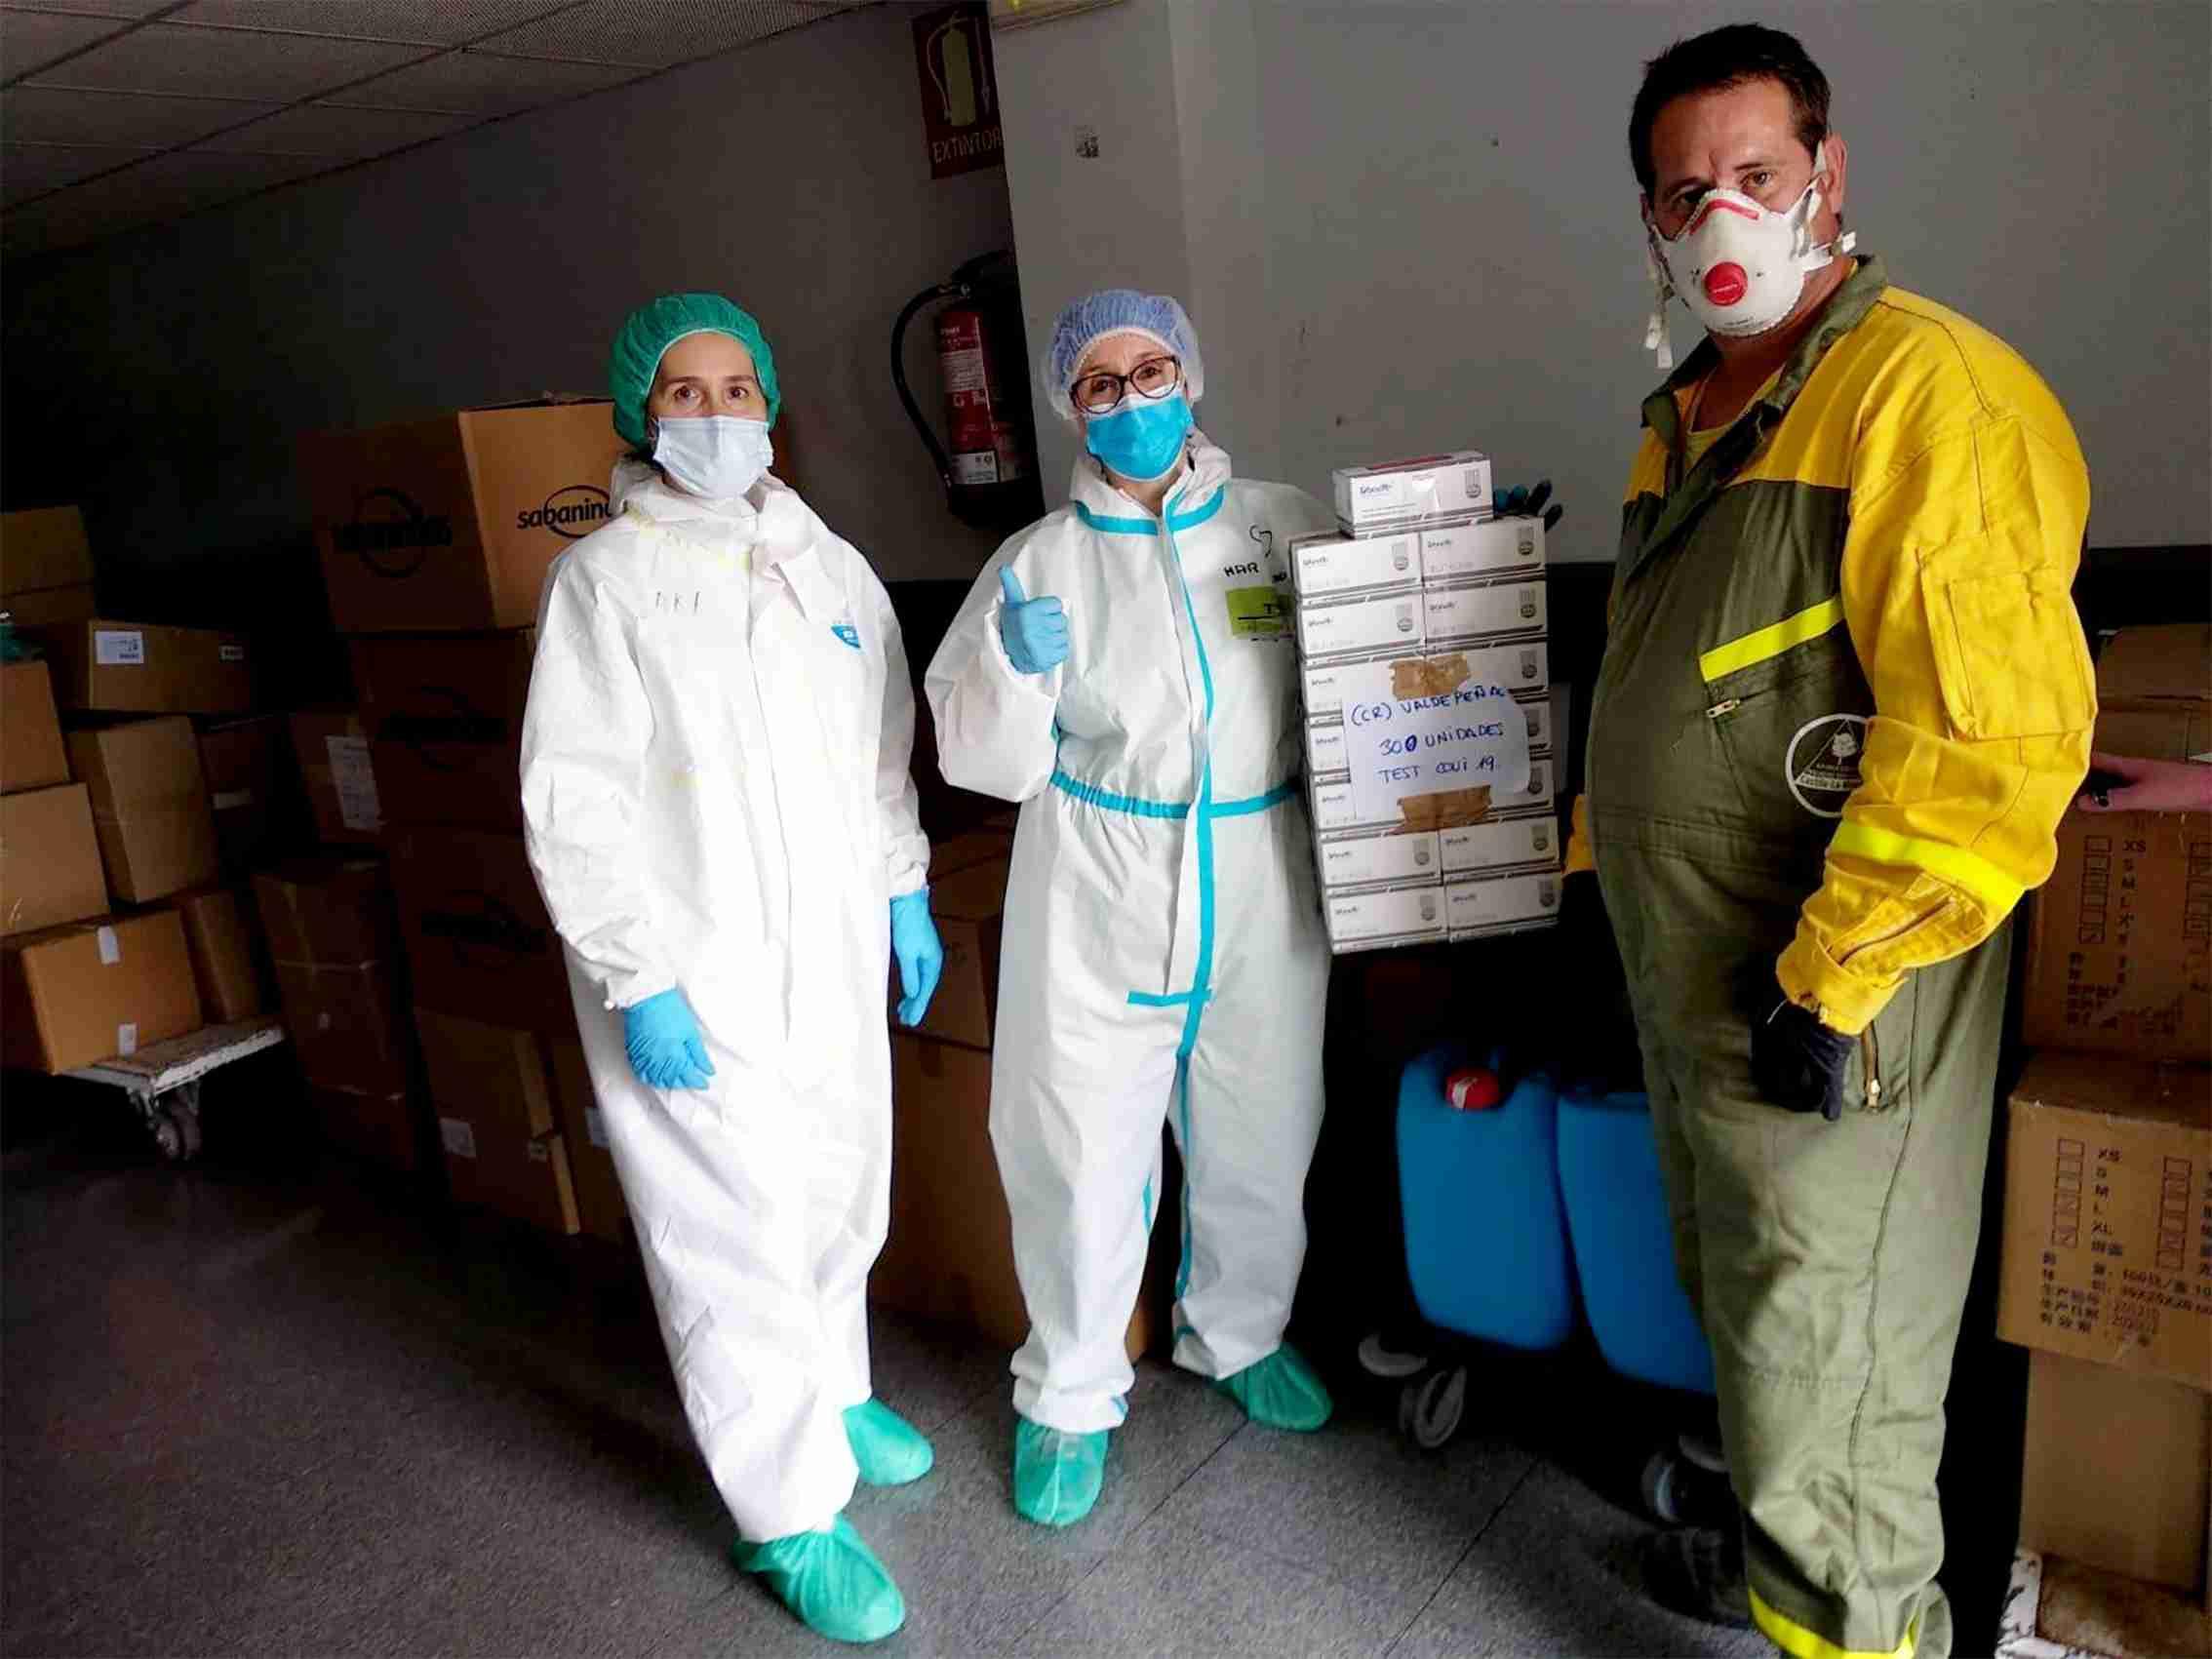 Centros sanitarios de la provincia de Ciudad Real reciben más de 61.000 artículos de protección y 2.200 test rápidos 1